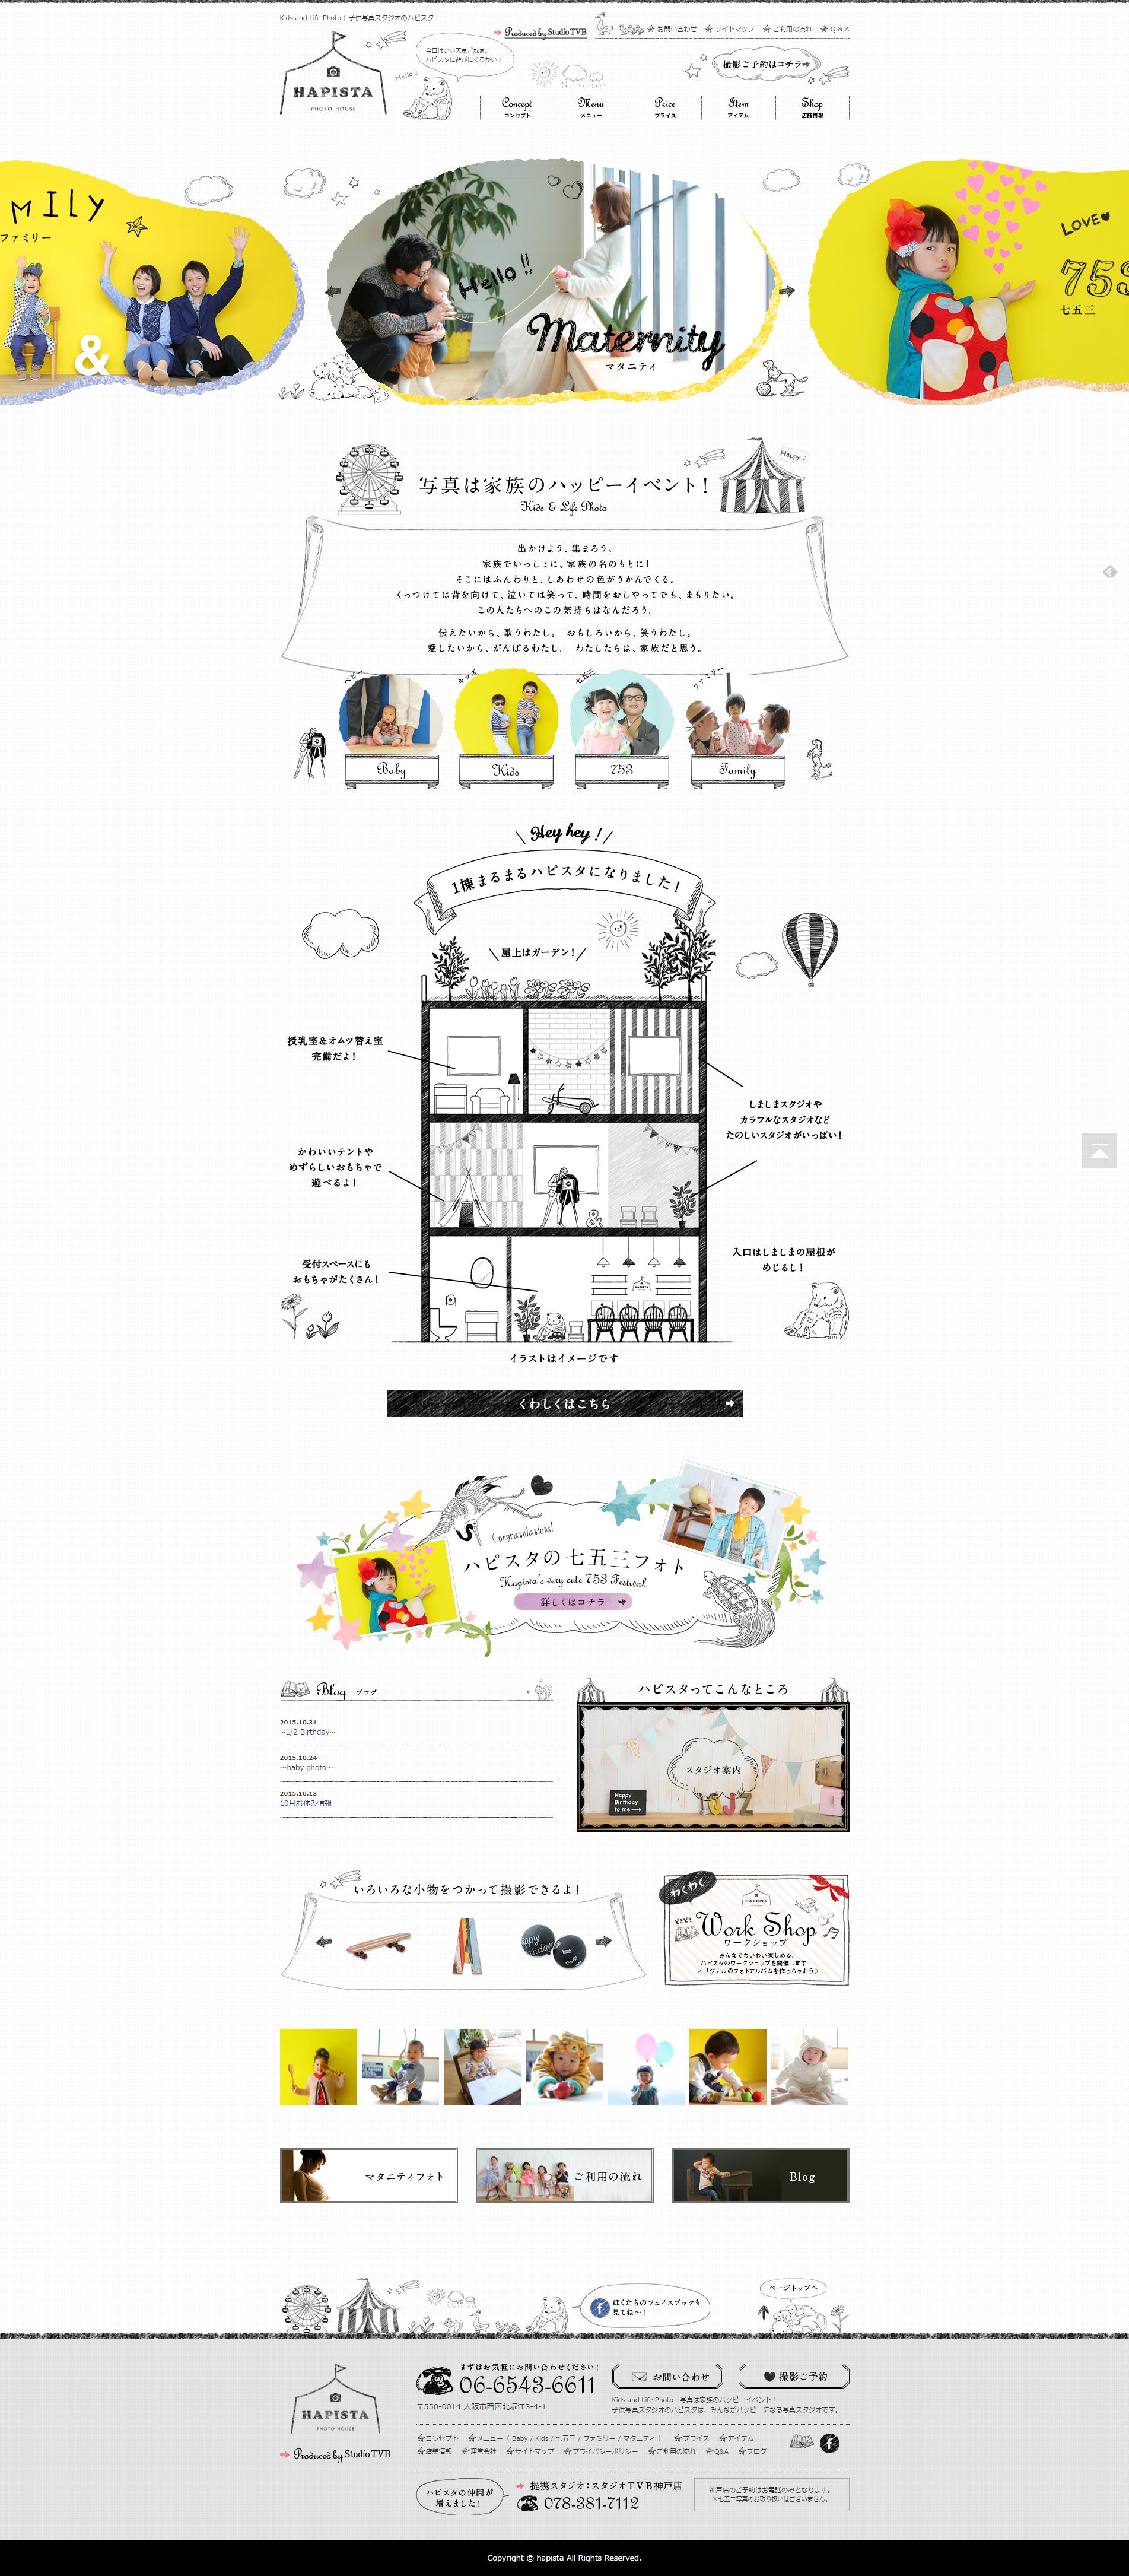 手書きイラストがかわいい | web design | pinterest | 手書き